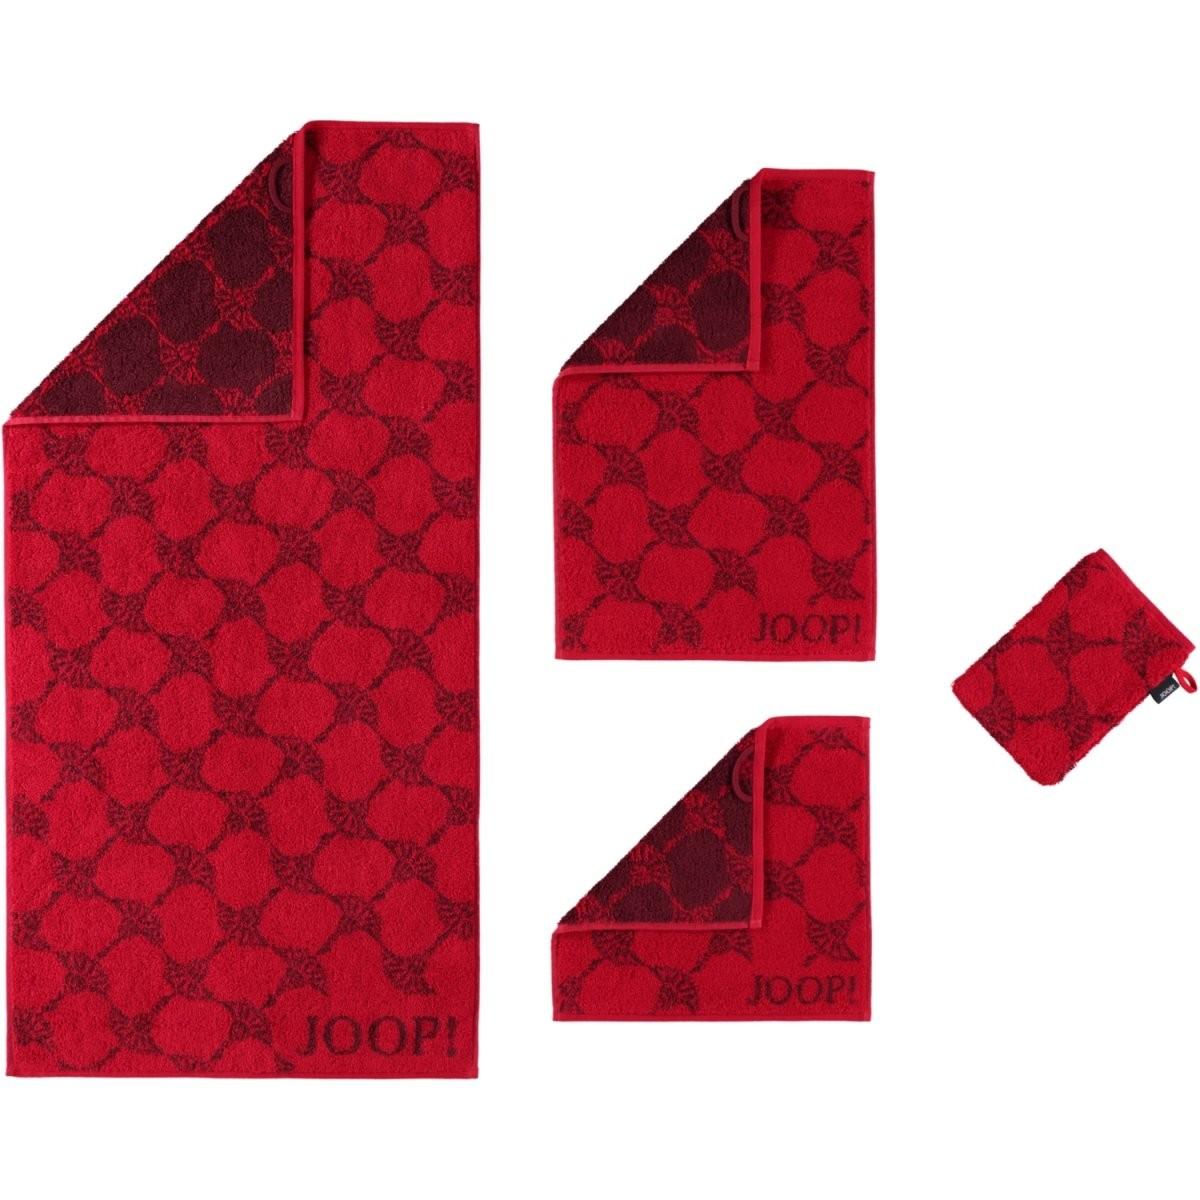 Joop Handtücher Cornflower 1611 Cassis  22  Handtuchwelt von Joop Handtücher Set Günstig Photo